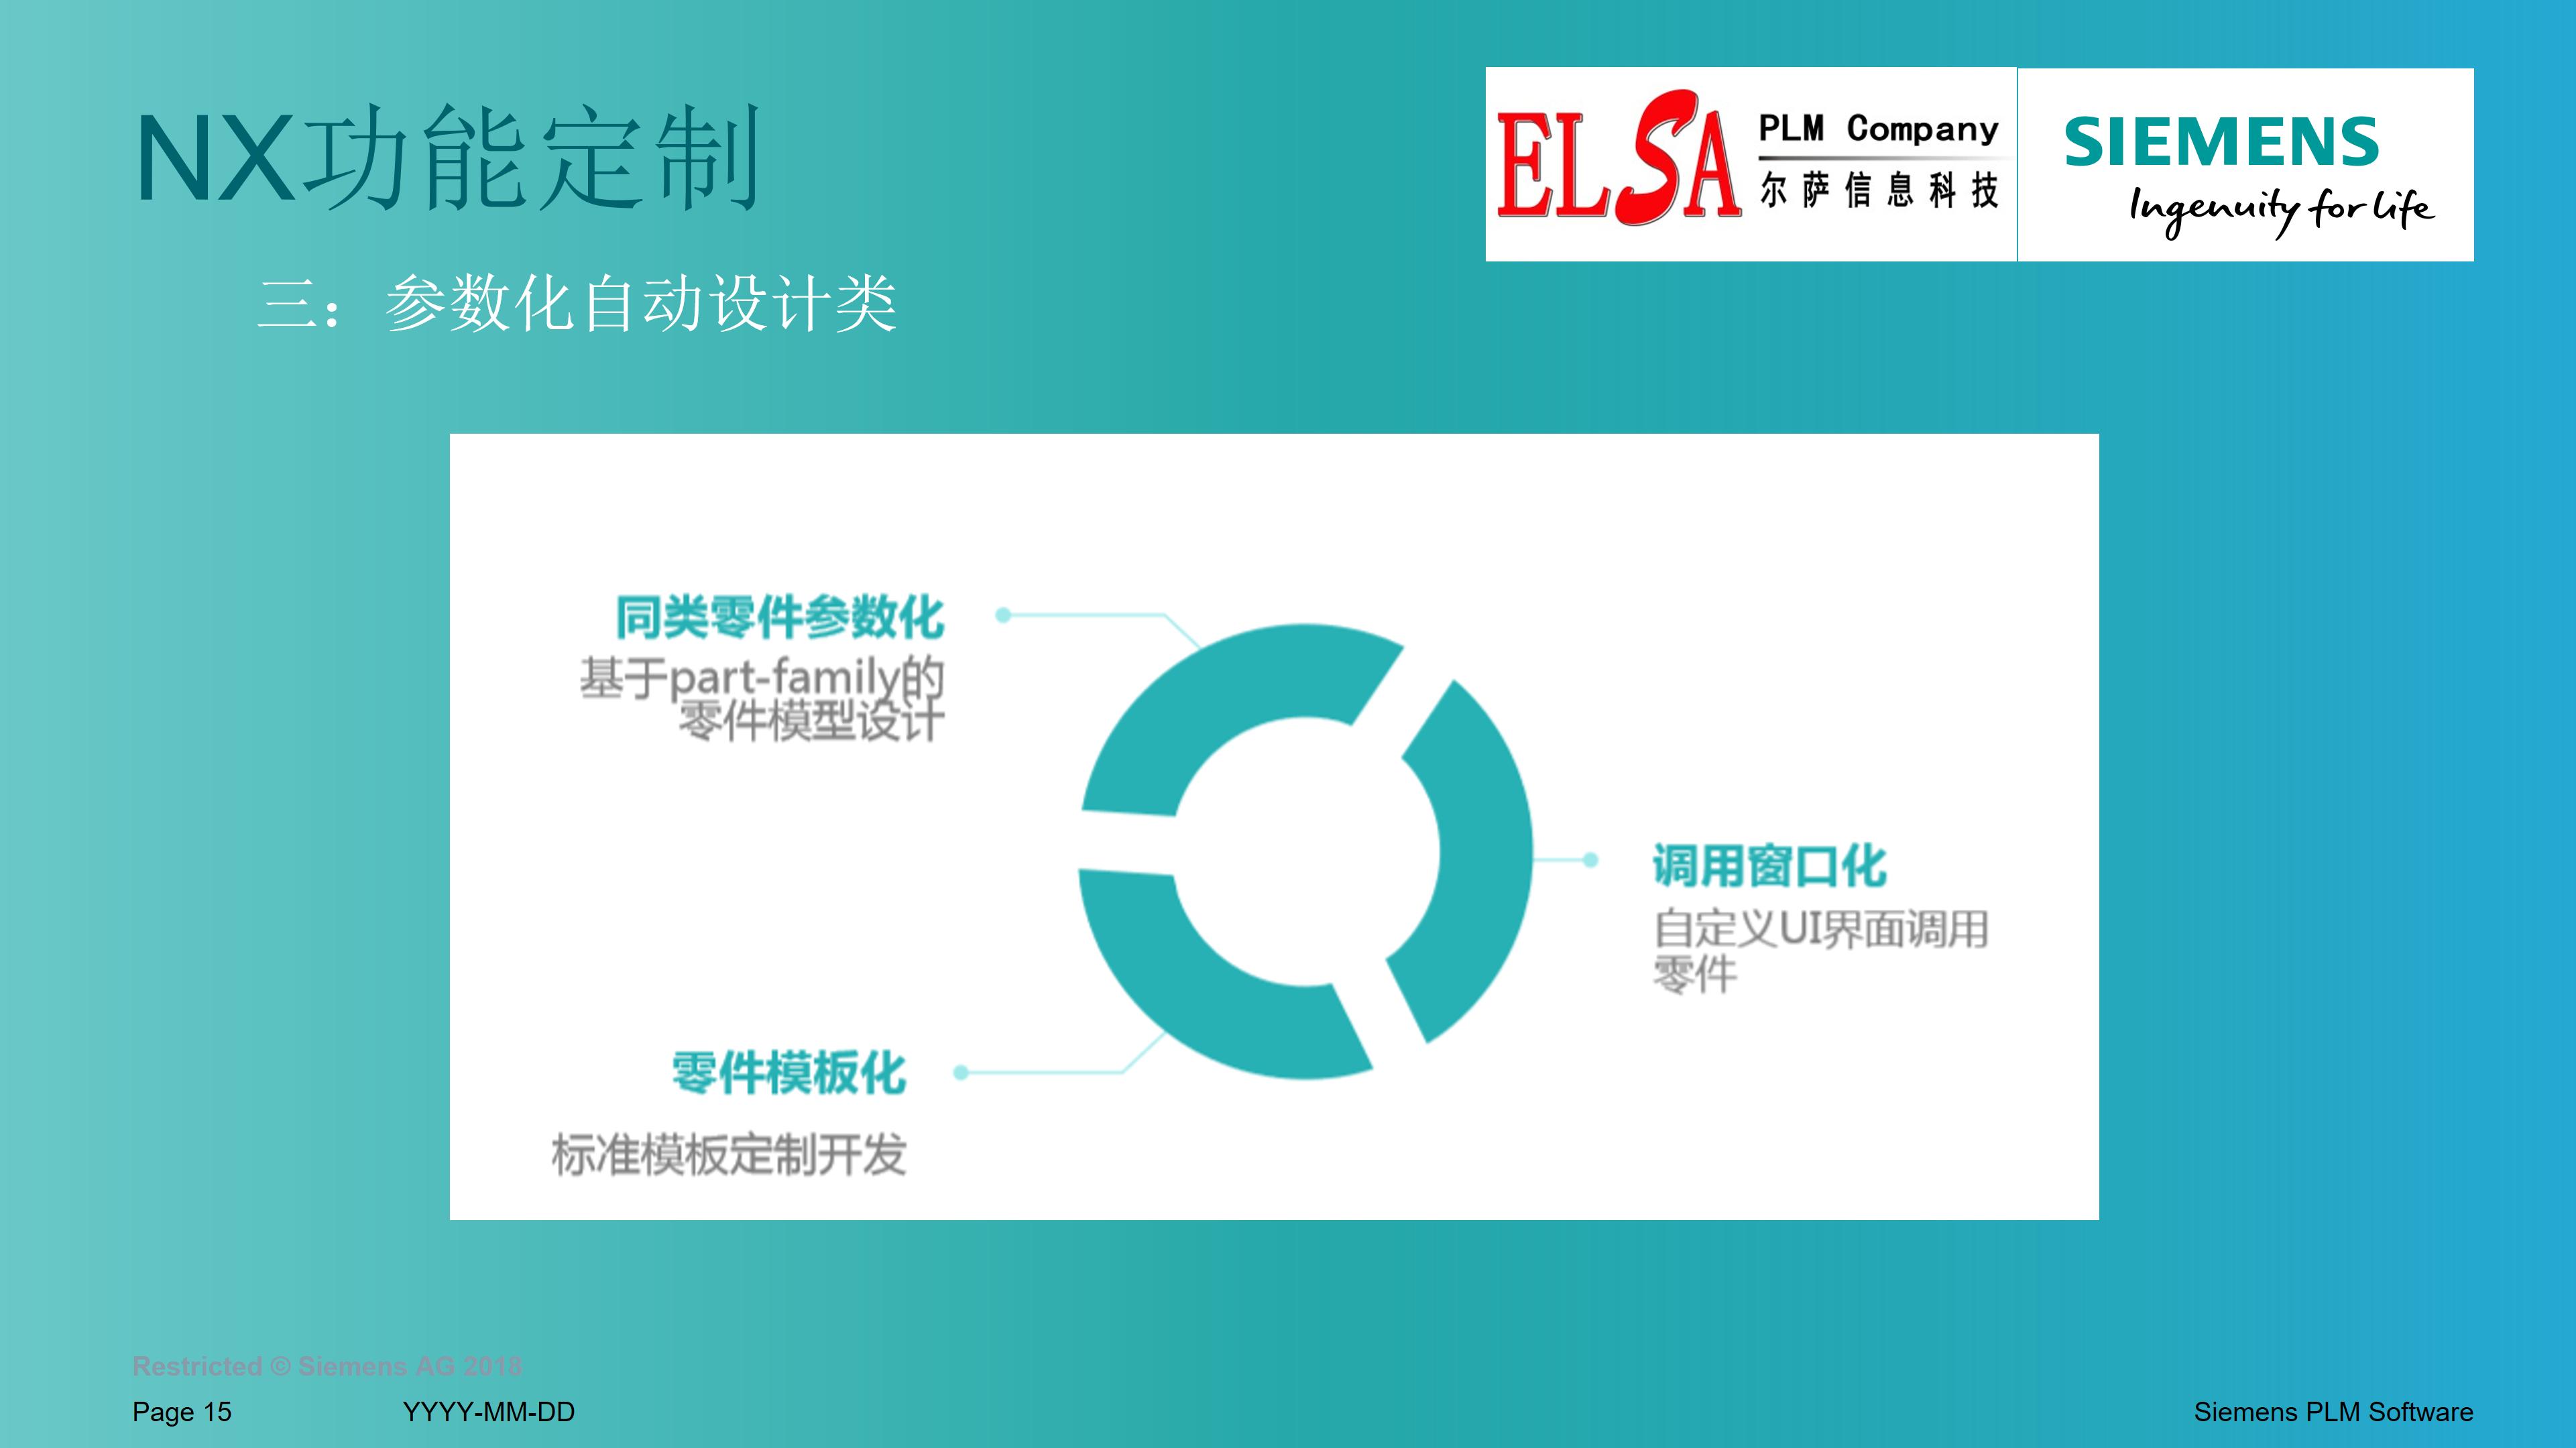 上海尔萨信息科技有限公司-技术业务介绍-上海尔萨信息科技有限公司-技术业务介绍_15